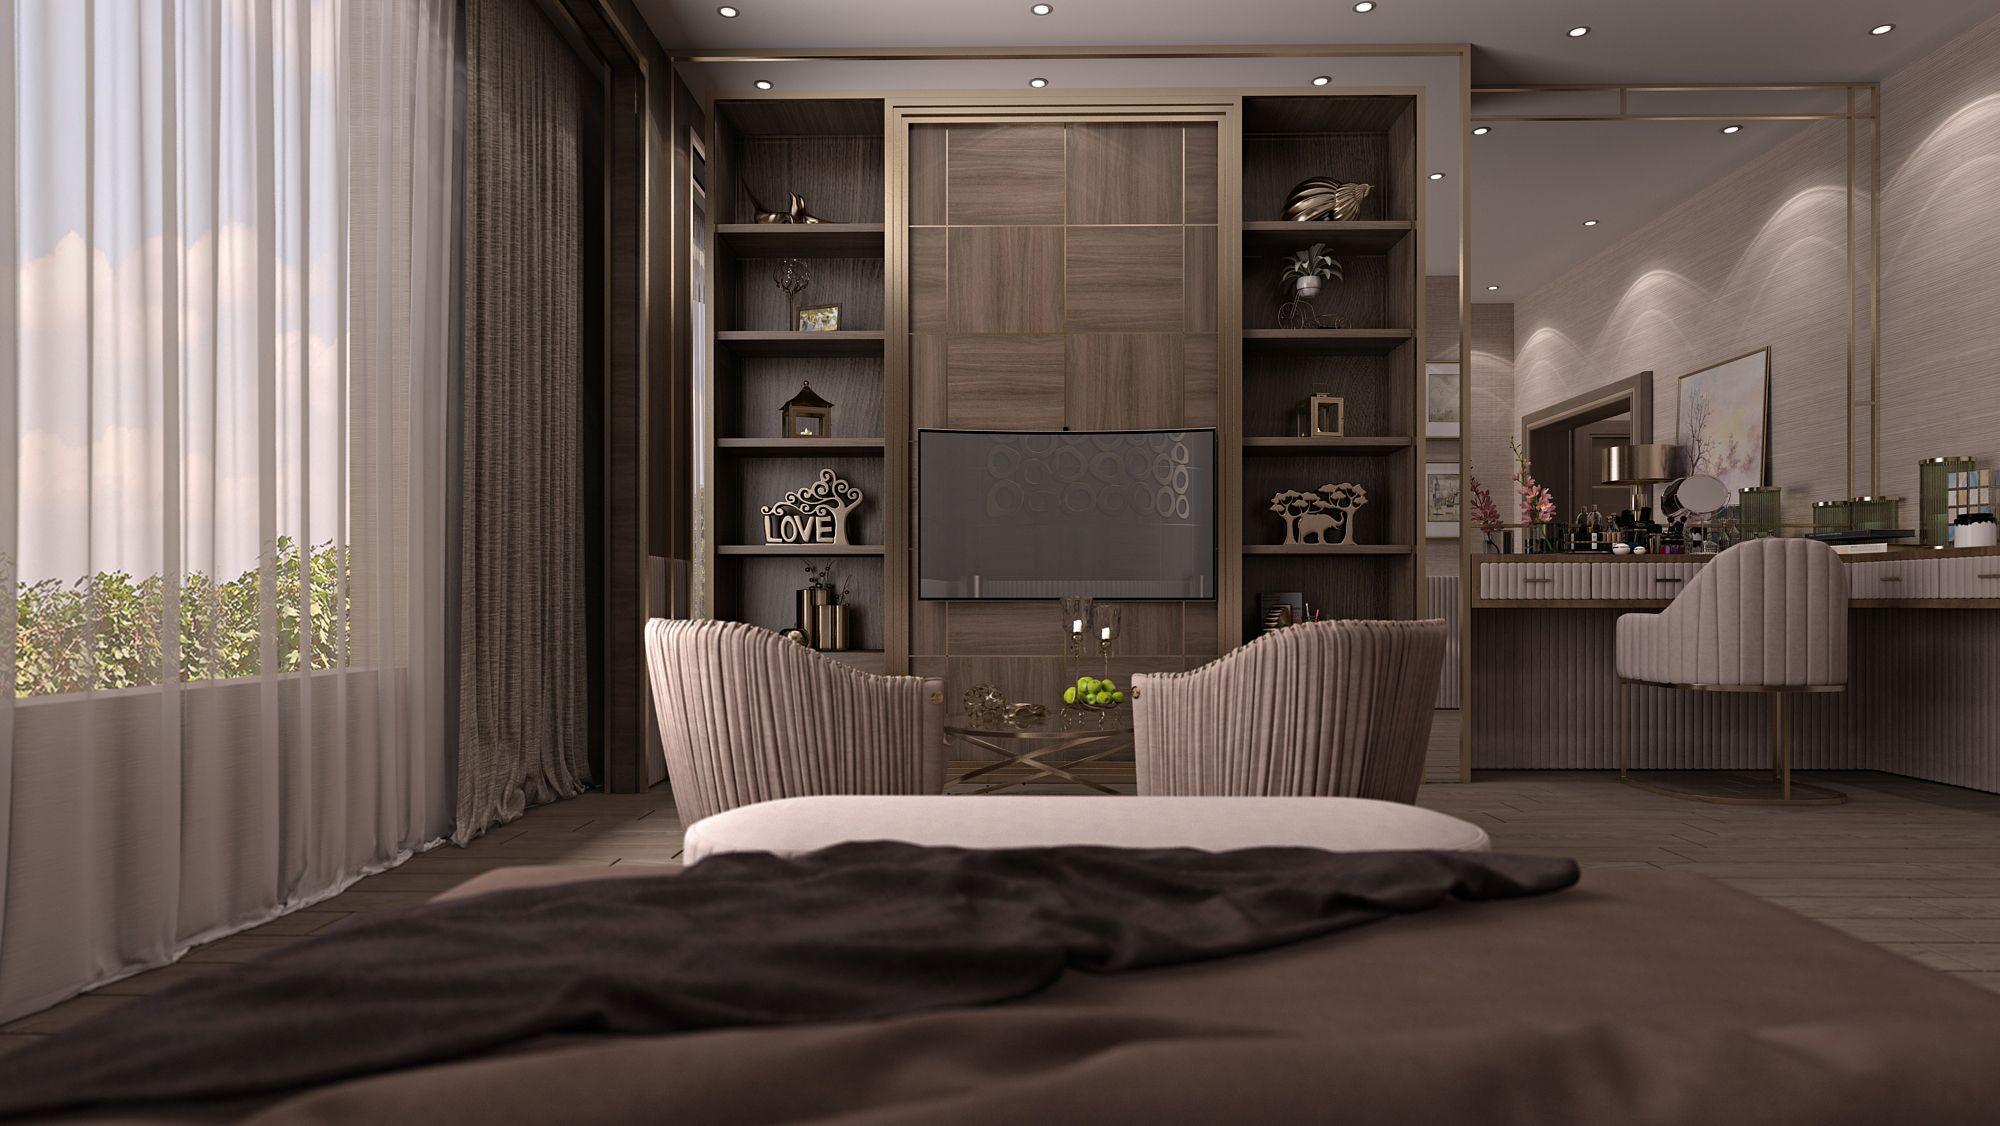 Master bedroom gypsum ceiling  Master Bedroom Palace KSA  ideas  Pinterest  Master bedroom